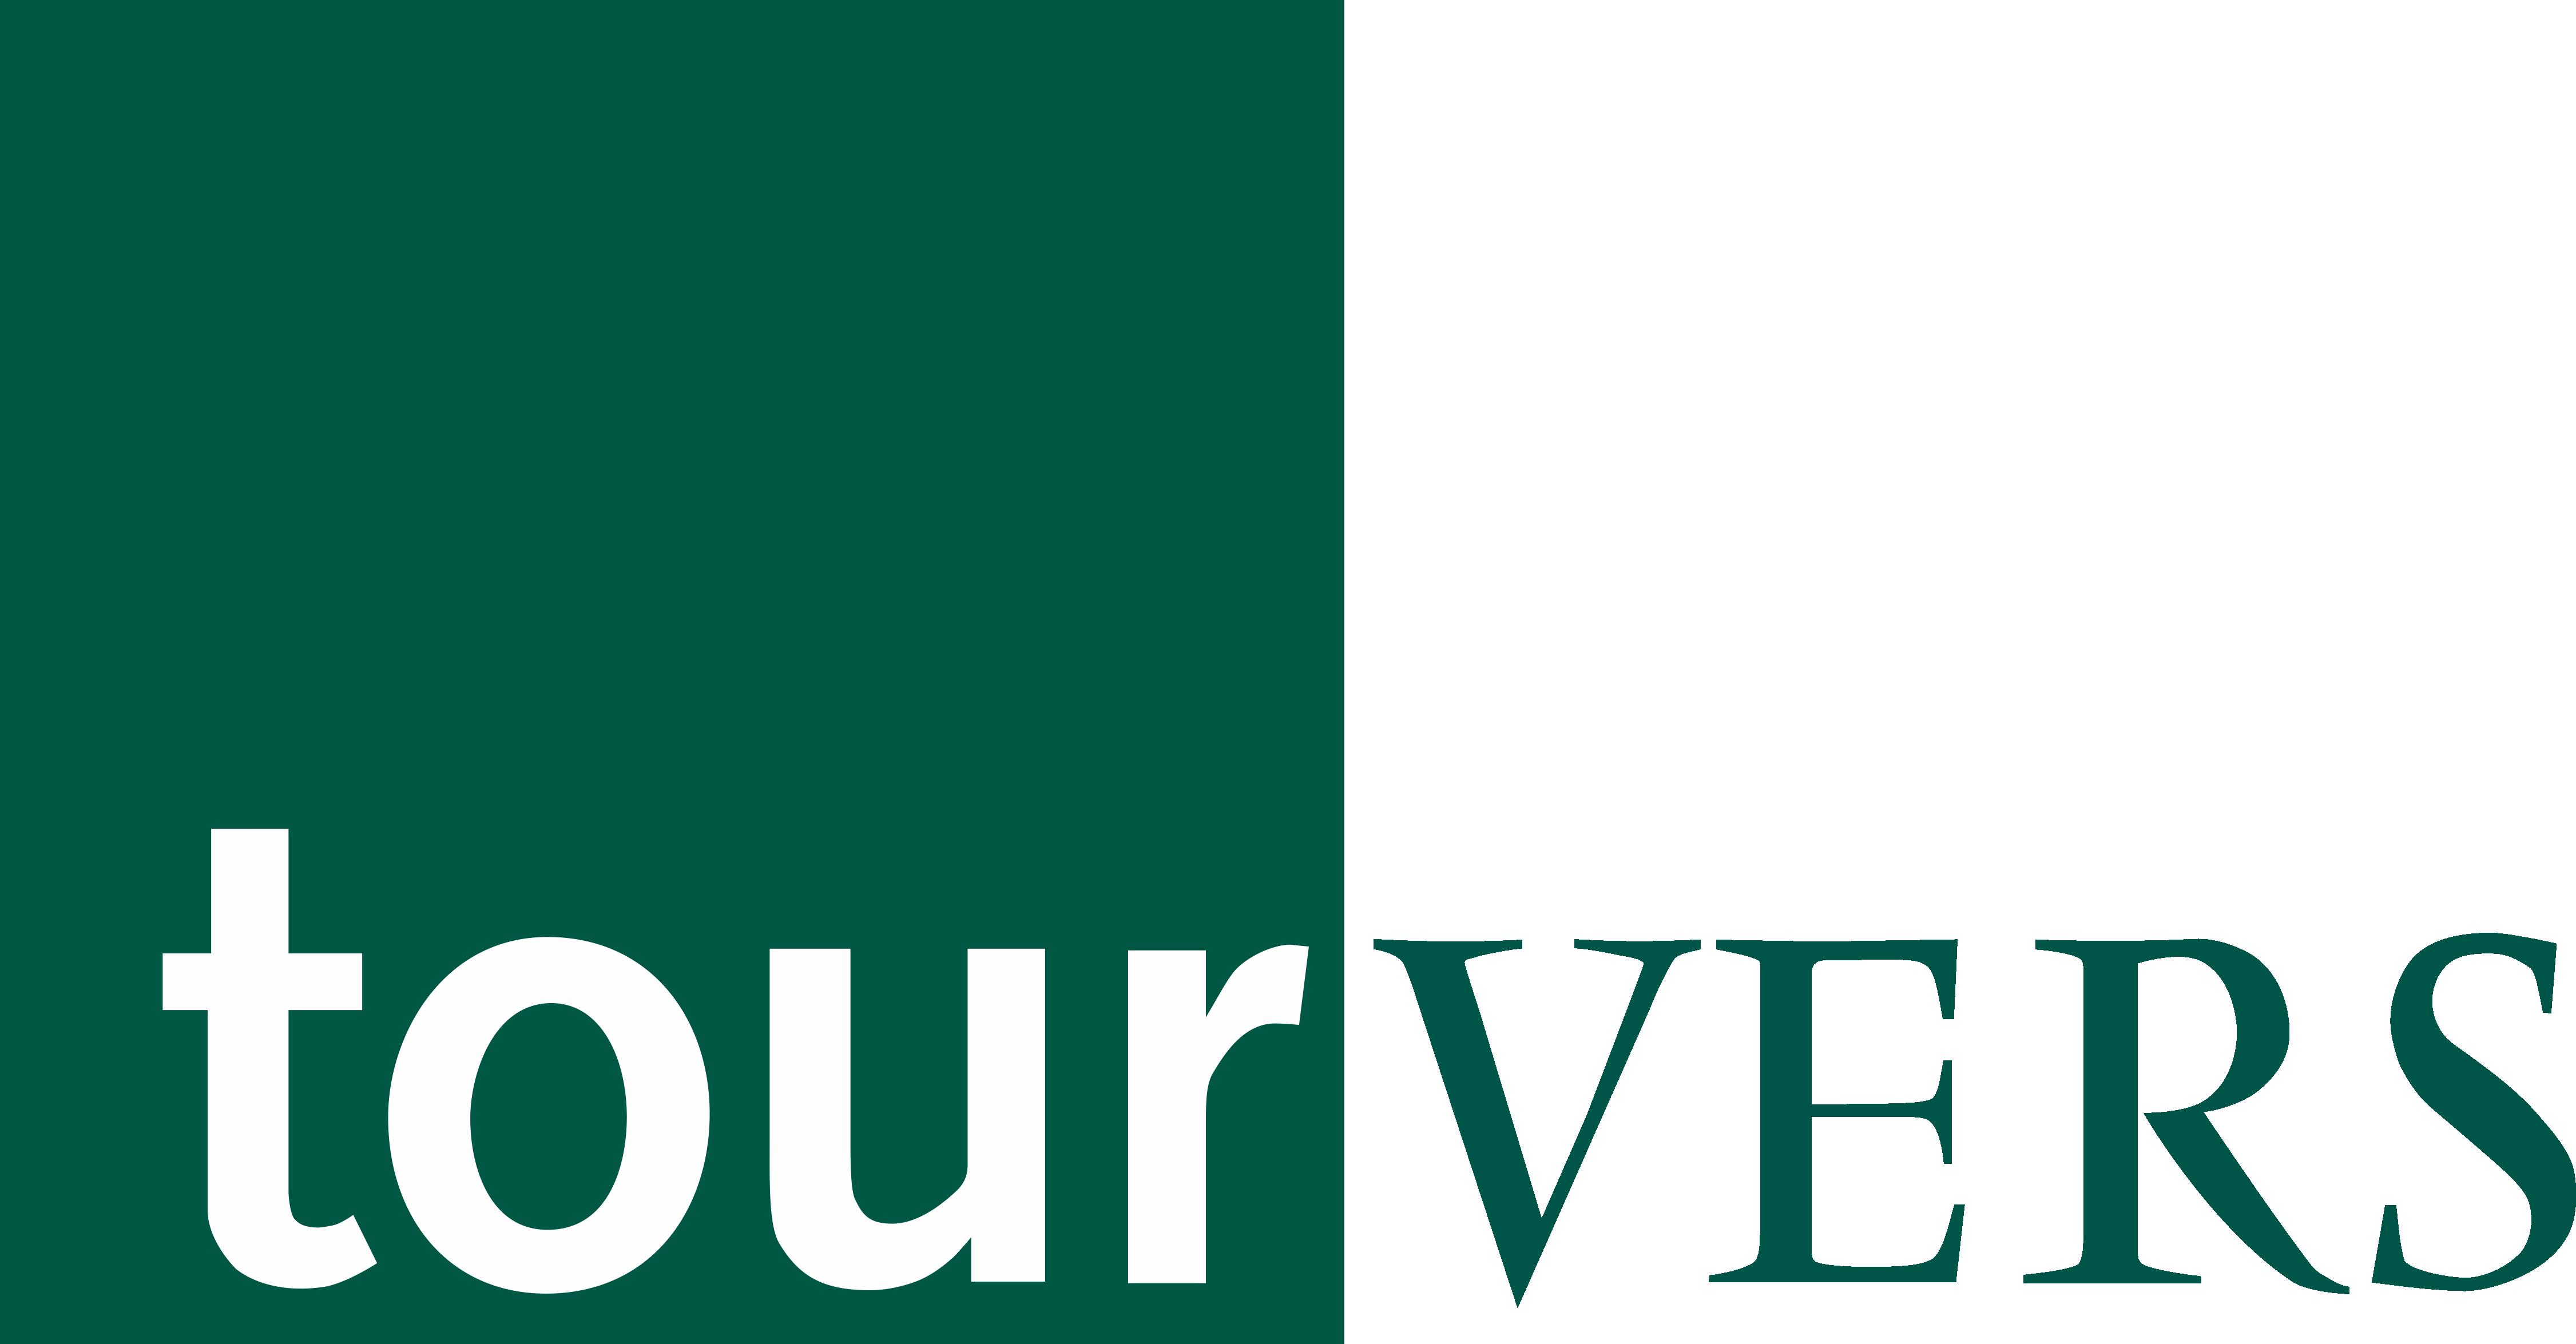 Logo Tourvers